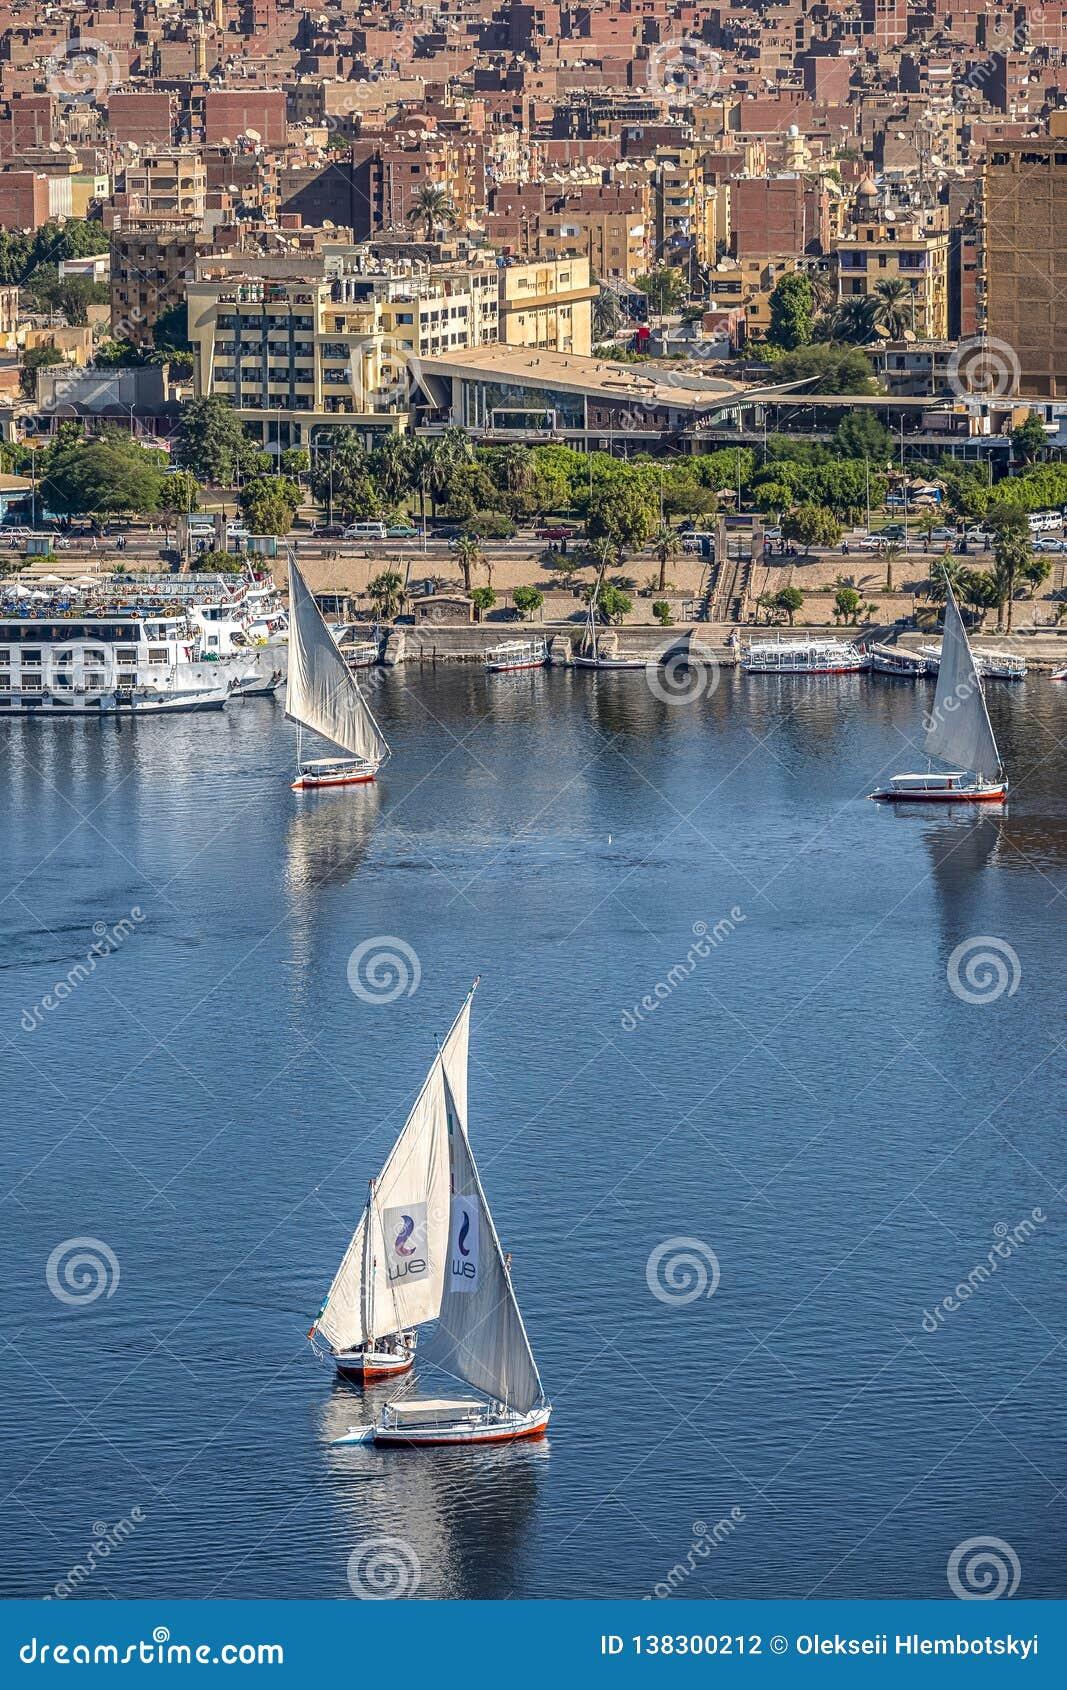 12 11 2018 Aswan, Egypte die, a-bootfelucca langs een rivier Nijl op een zonnige dag varen tegen